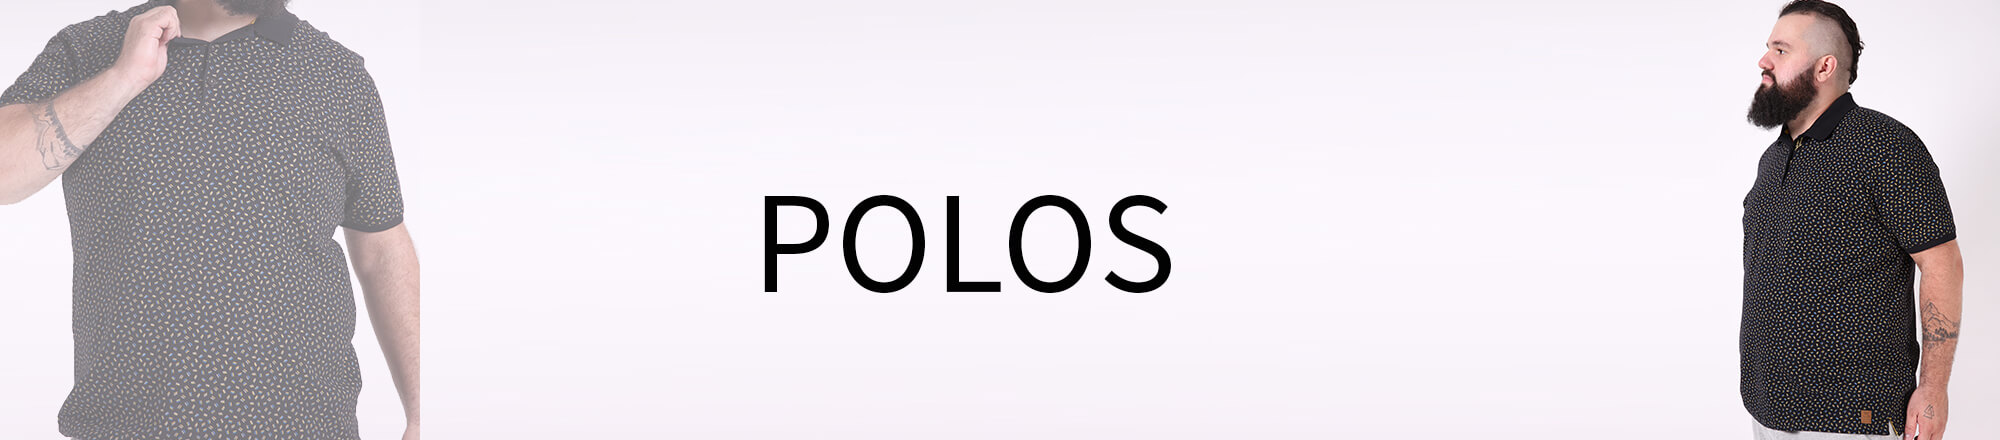 Banner-Polo